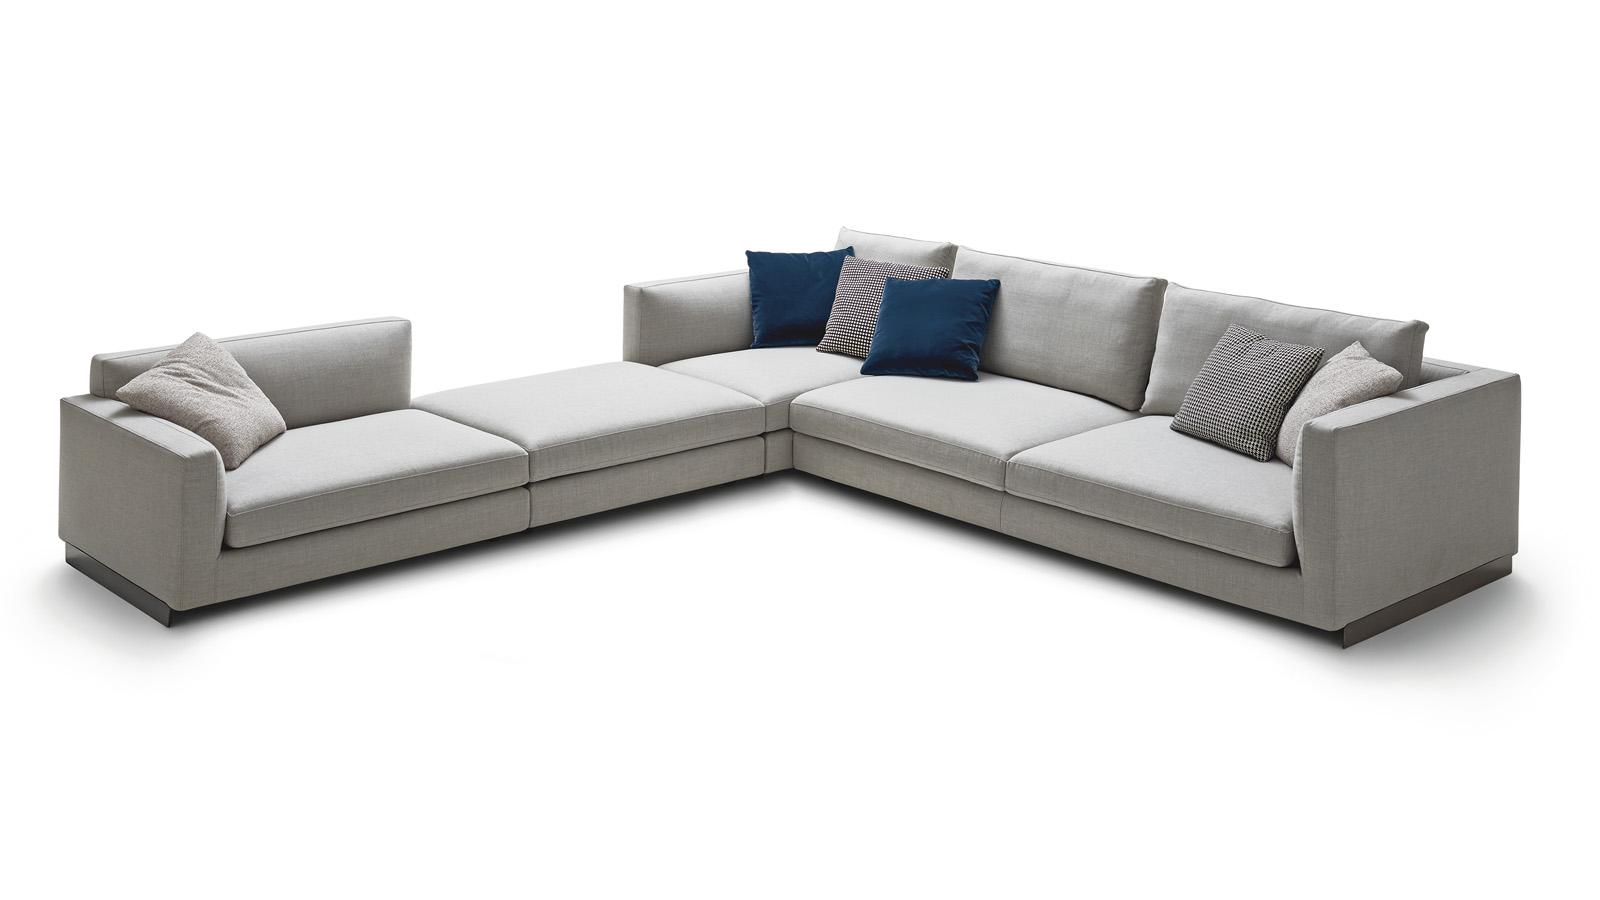 TinnappelMetz-arflex-rendez-vous-sofa-04